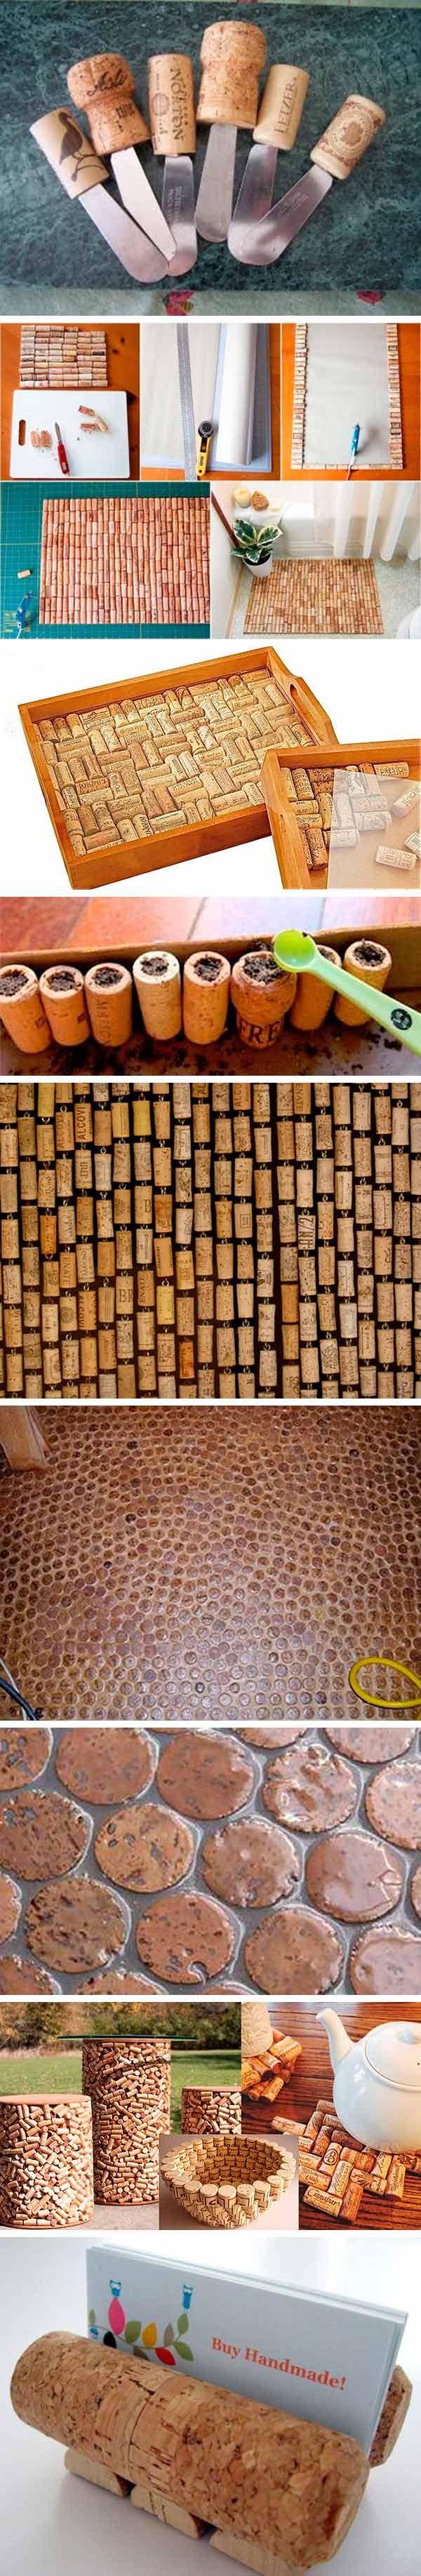 reciclar tapones de corcho - hogar 3